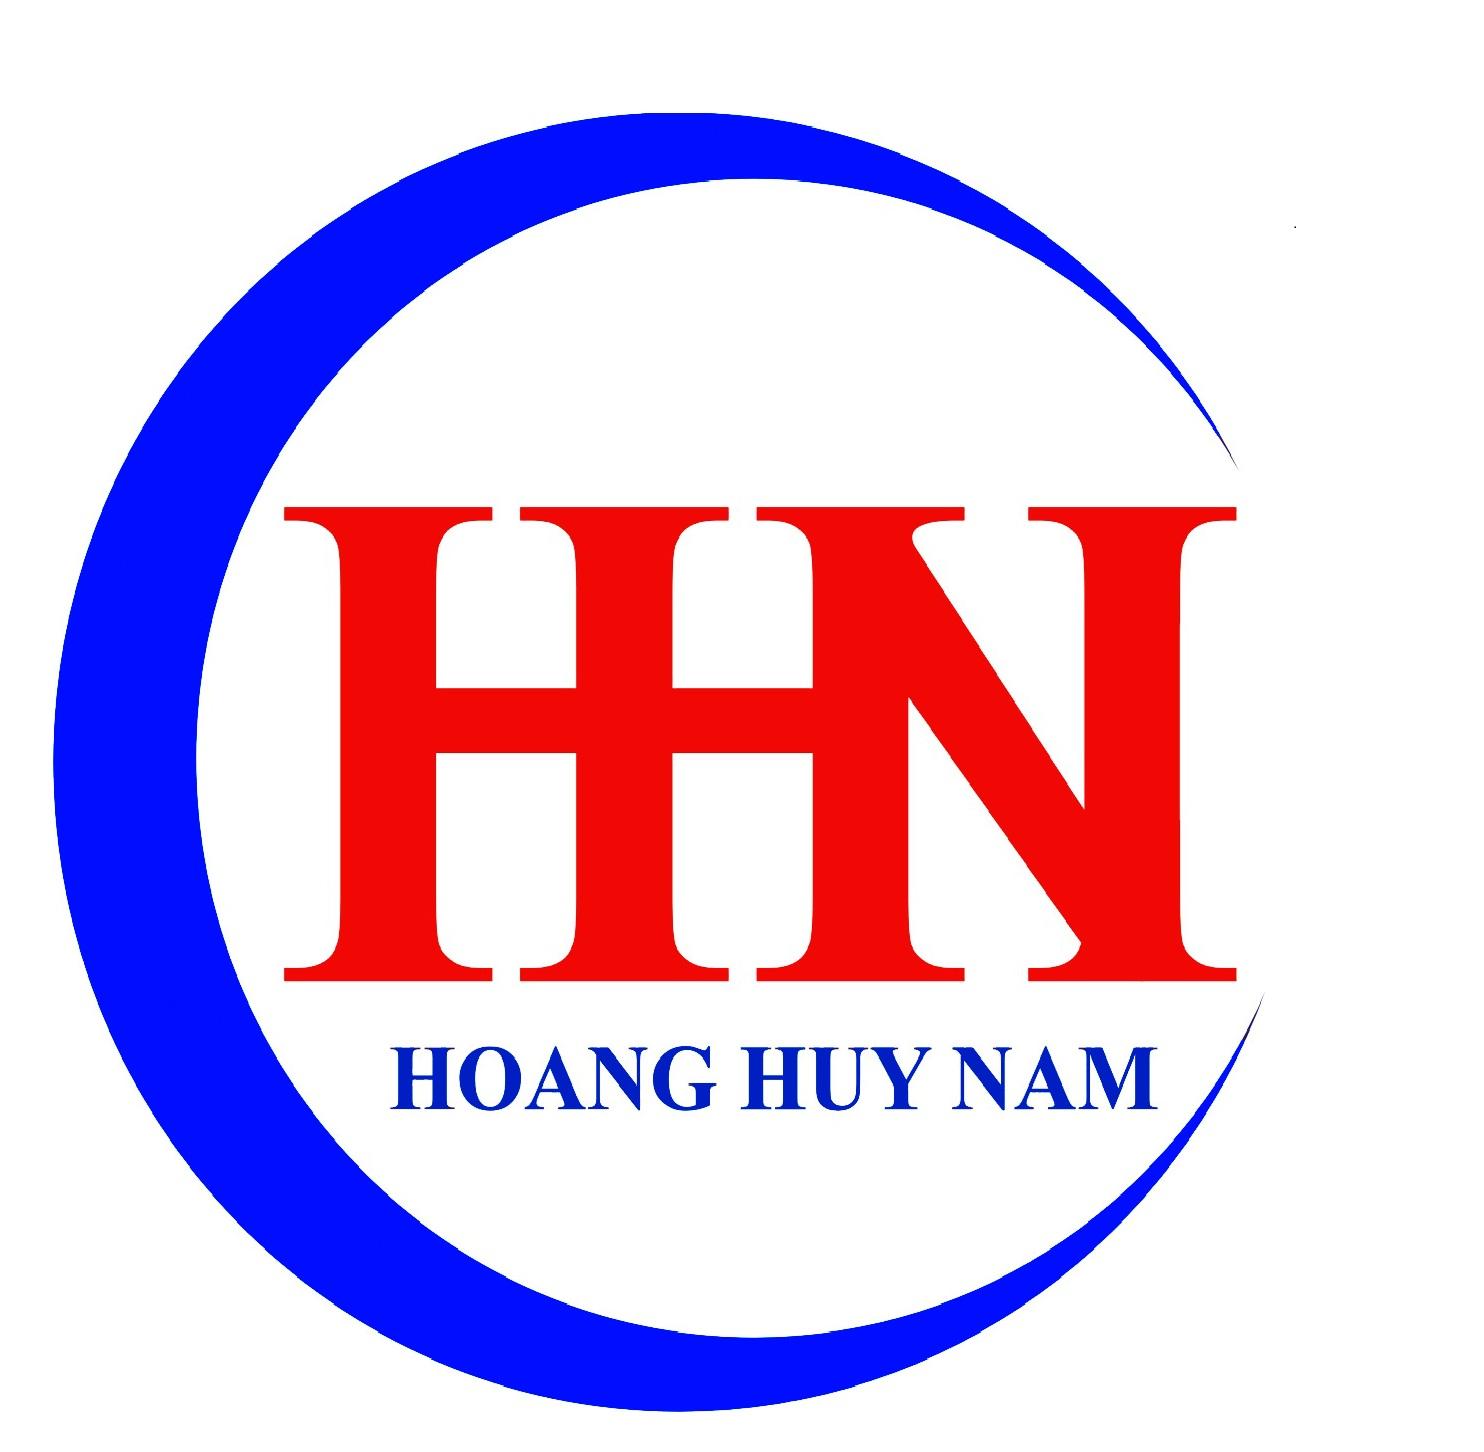 Công  ty TNHH thương mại dịch vụ Hoàng Huy Nam